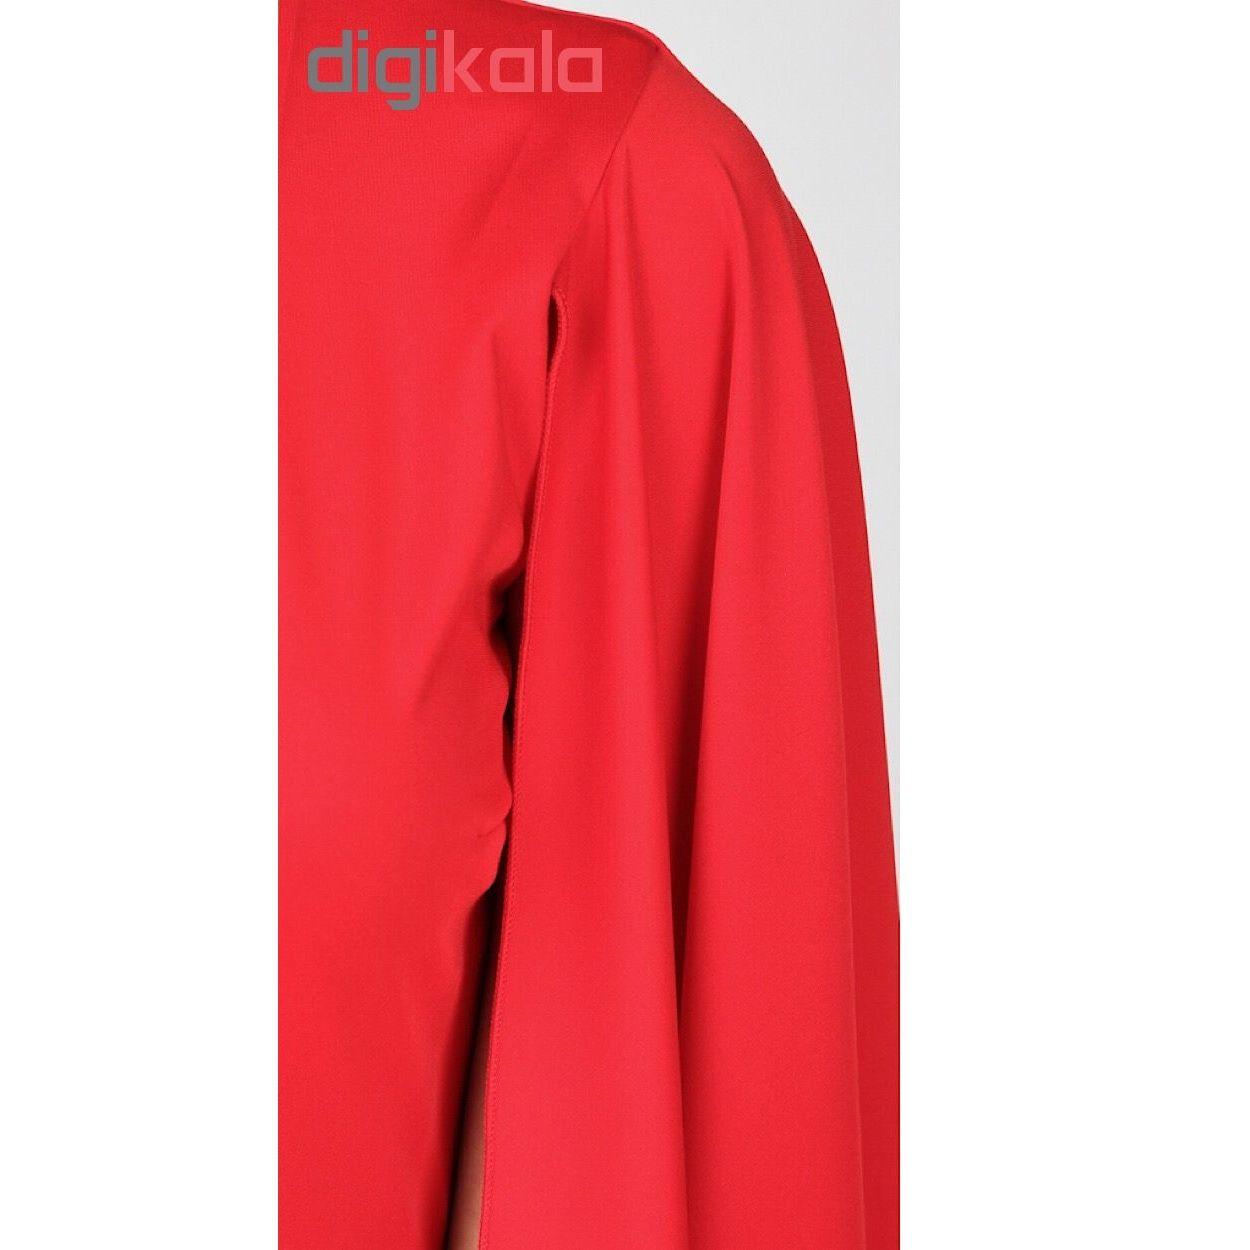 خرید اینترنتی با تخفیف ویژه پیراهن زنانه کارلا بای روزارانیکو مدل CR16S